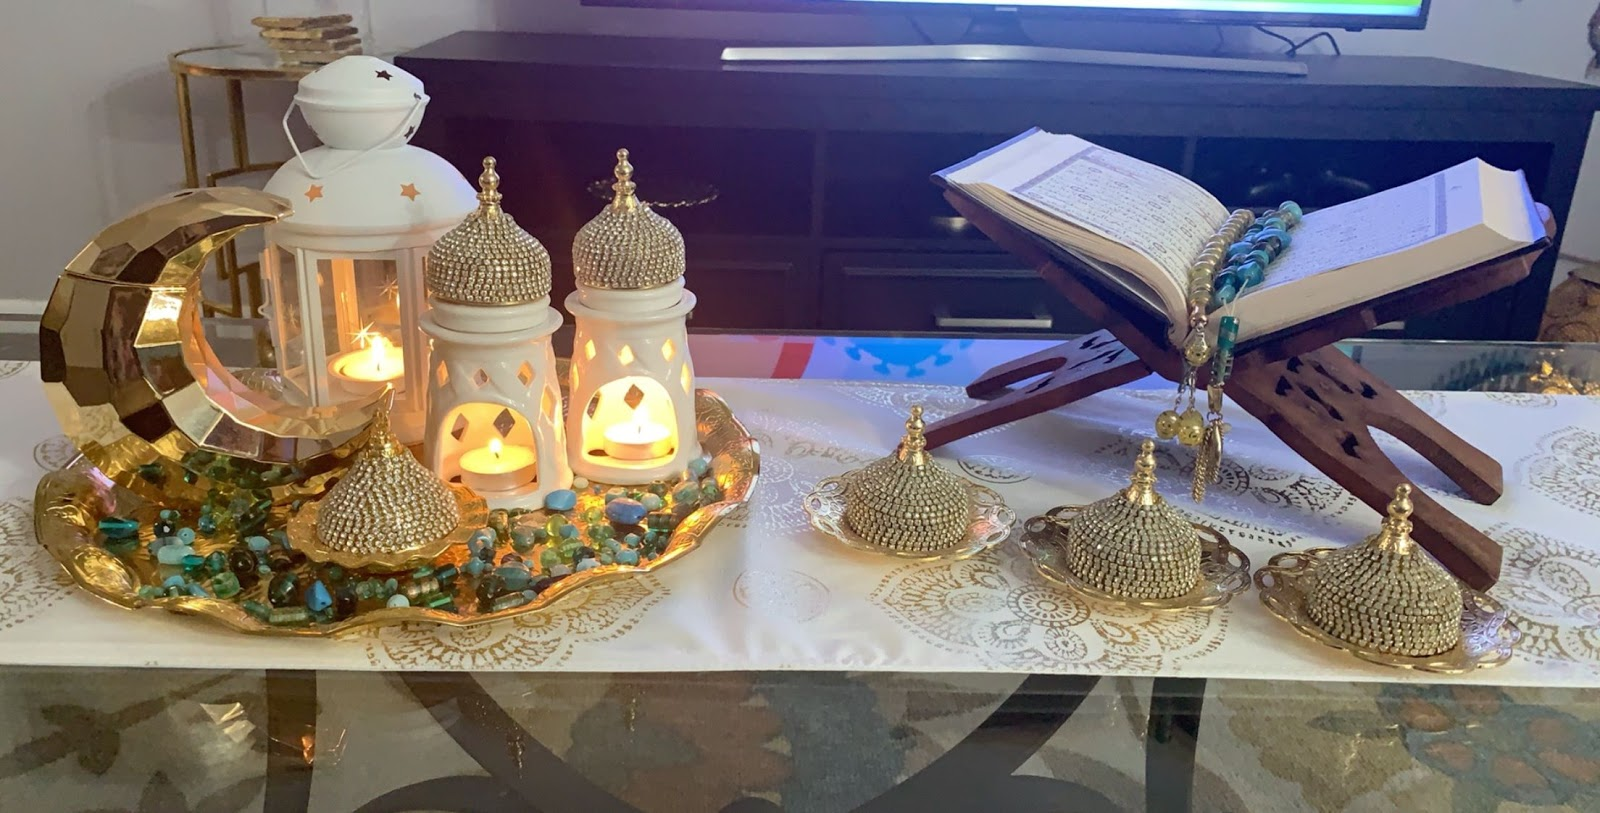 ديكور منزلك في رمضان 2021 لأجواء أسرية دافئة